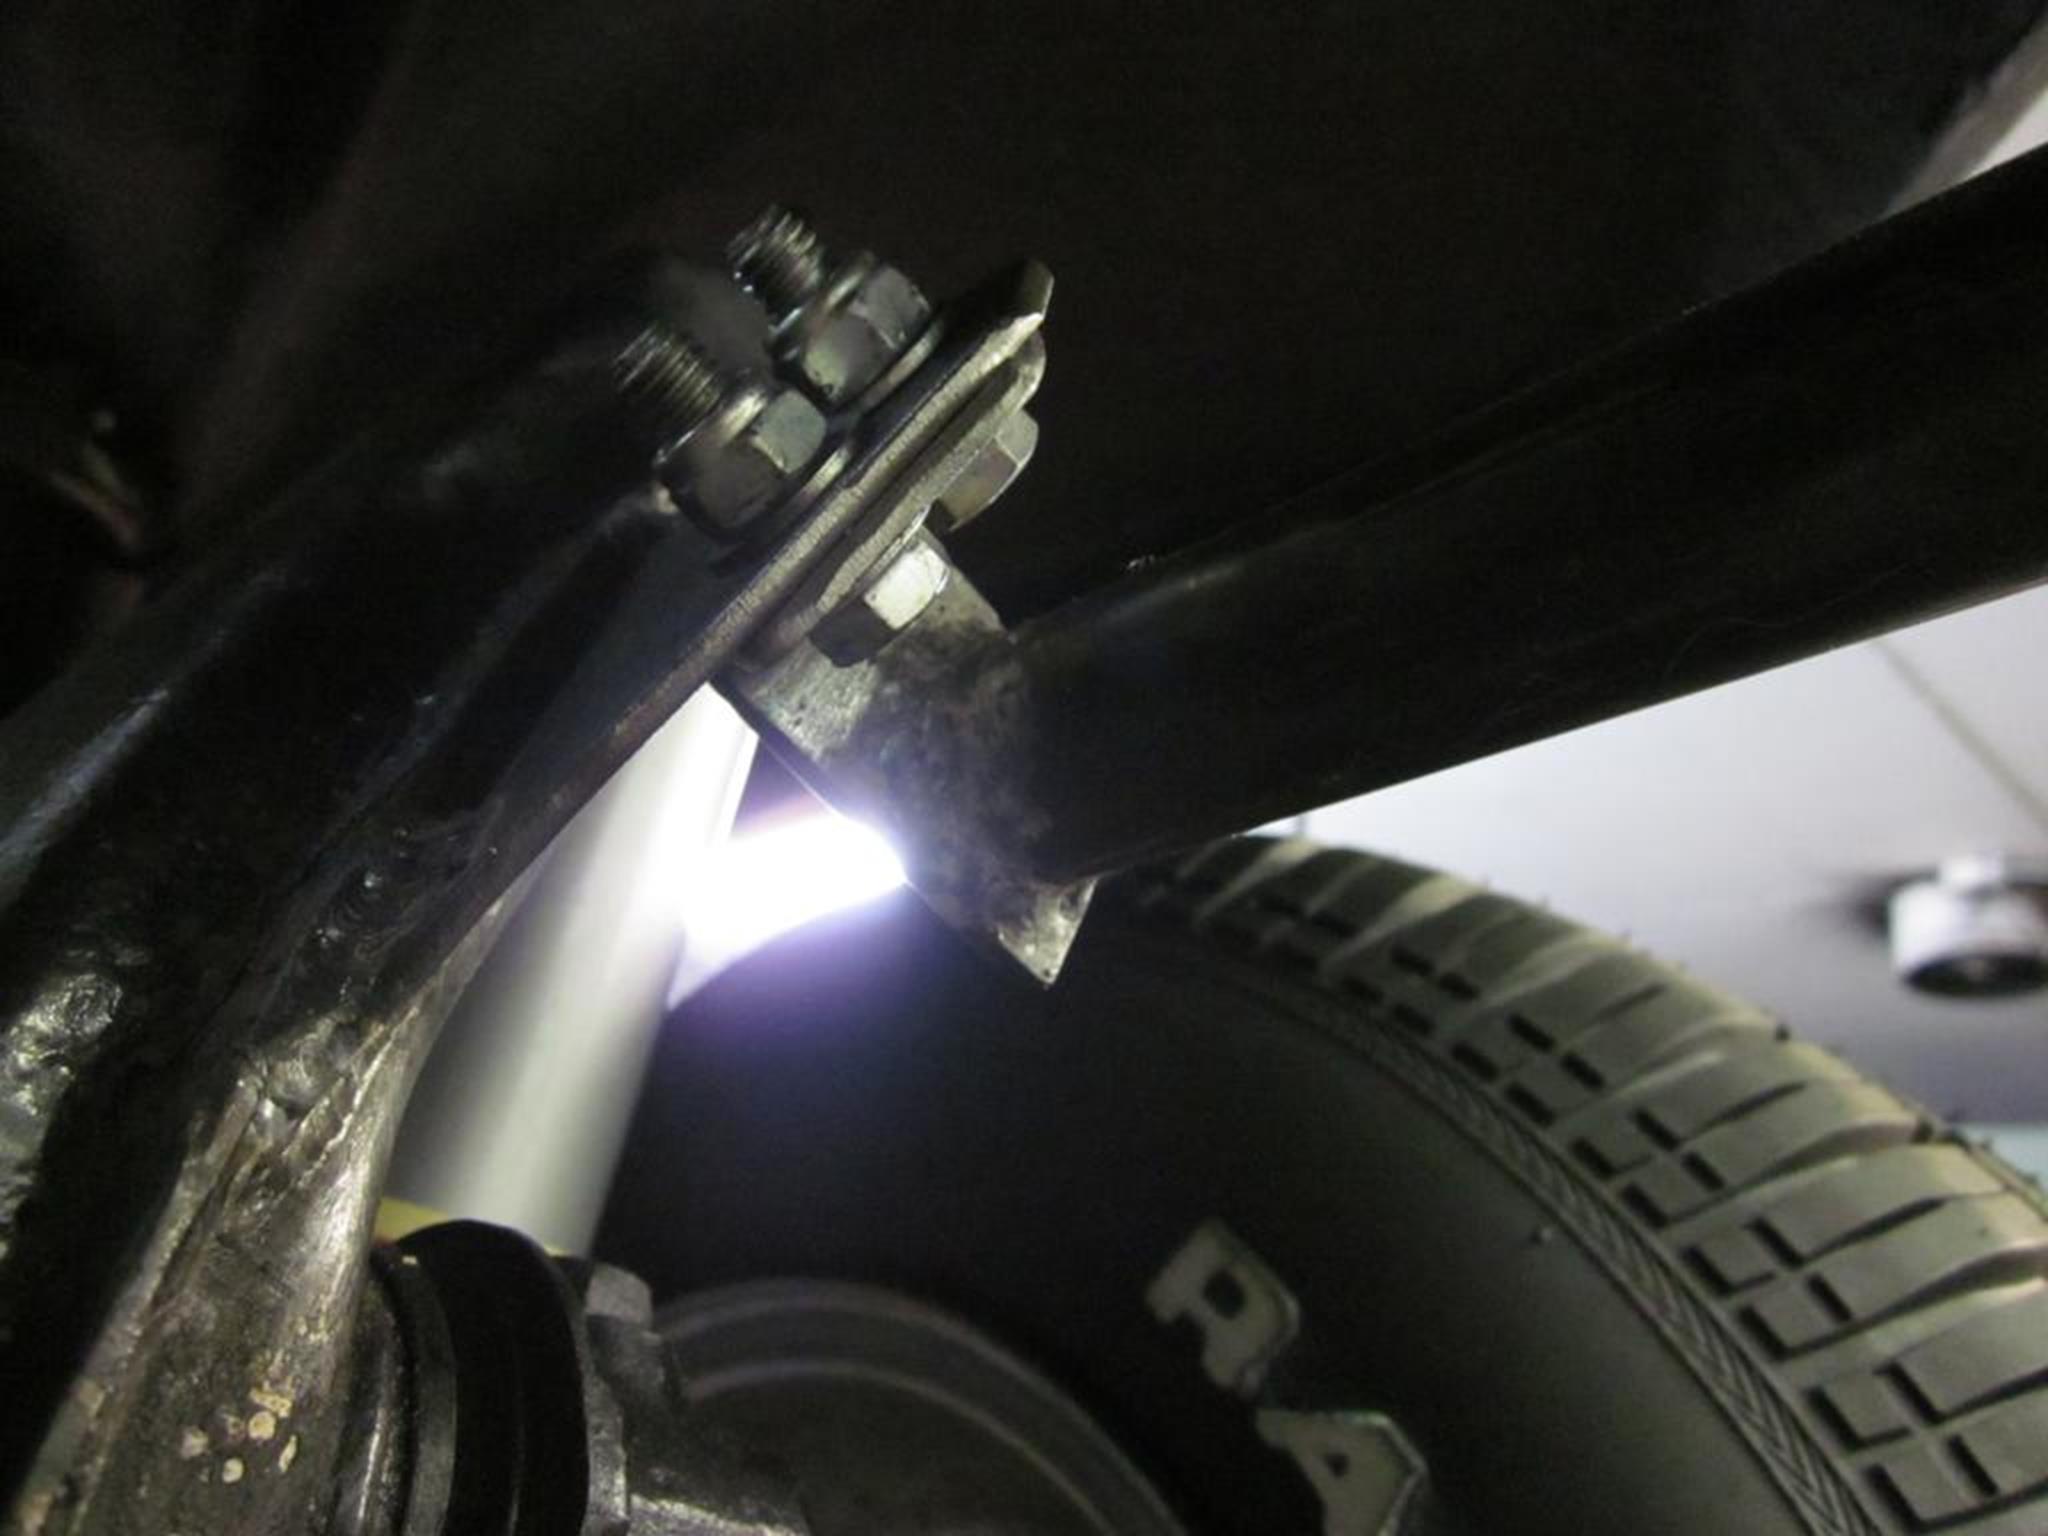 Waynes Meyers Manx Kick Out Ss Peninsula Automotive Wiring Harness Wayne 23